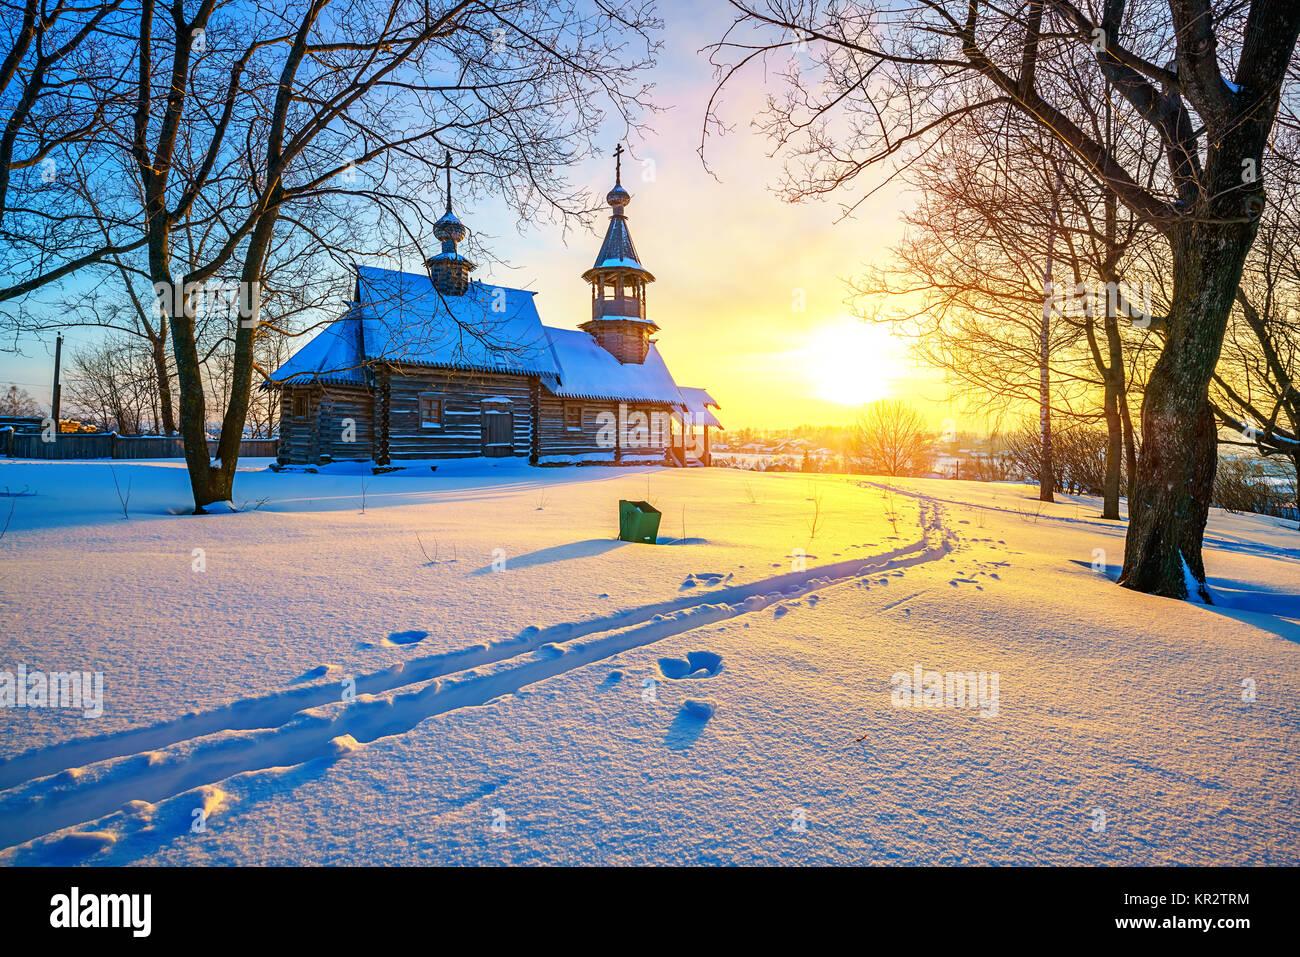 Iglesia rusa en el bosque de invierno Imagen De Stock